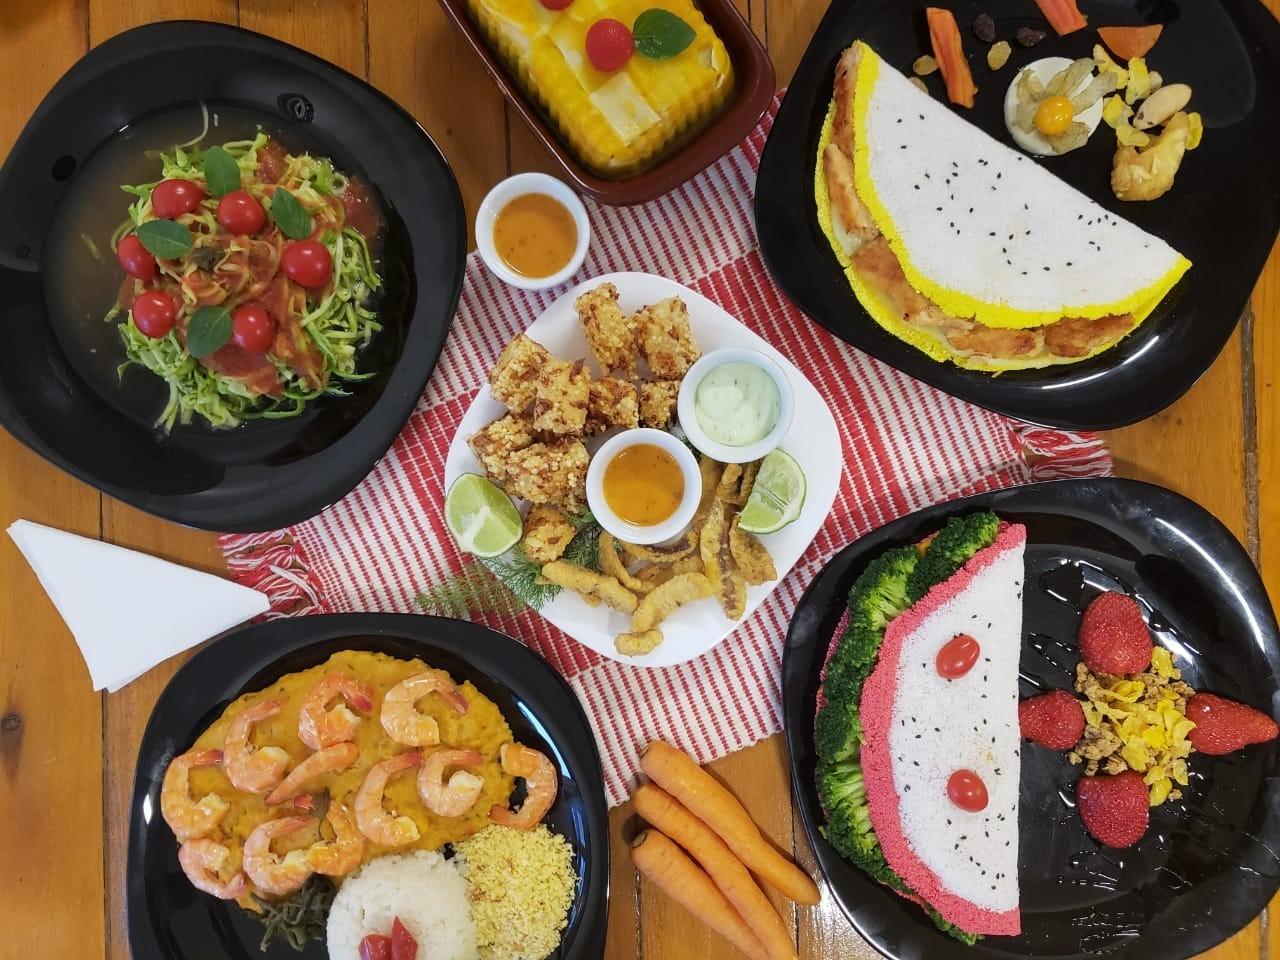 Proposta era oferecer o que ninguém na região tinha: comida do Norte (Foto: Divulgação)